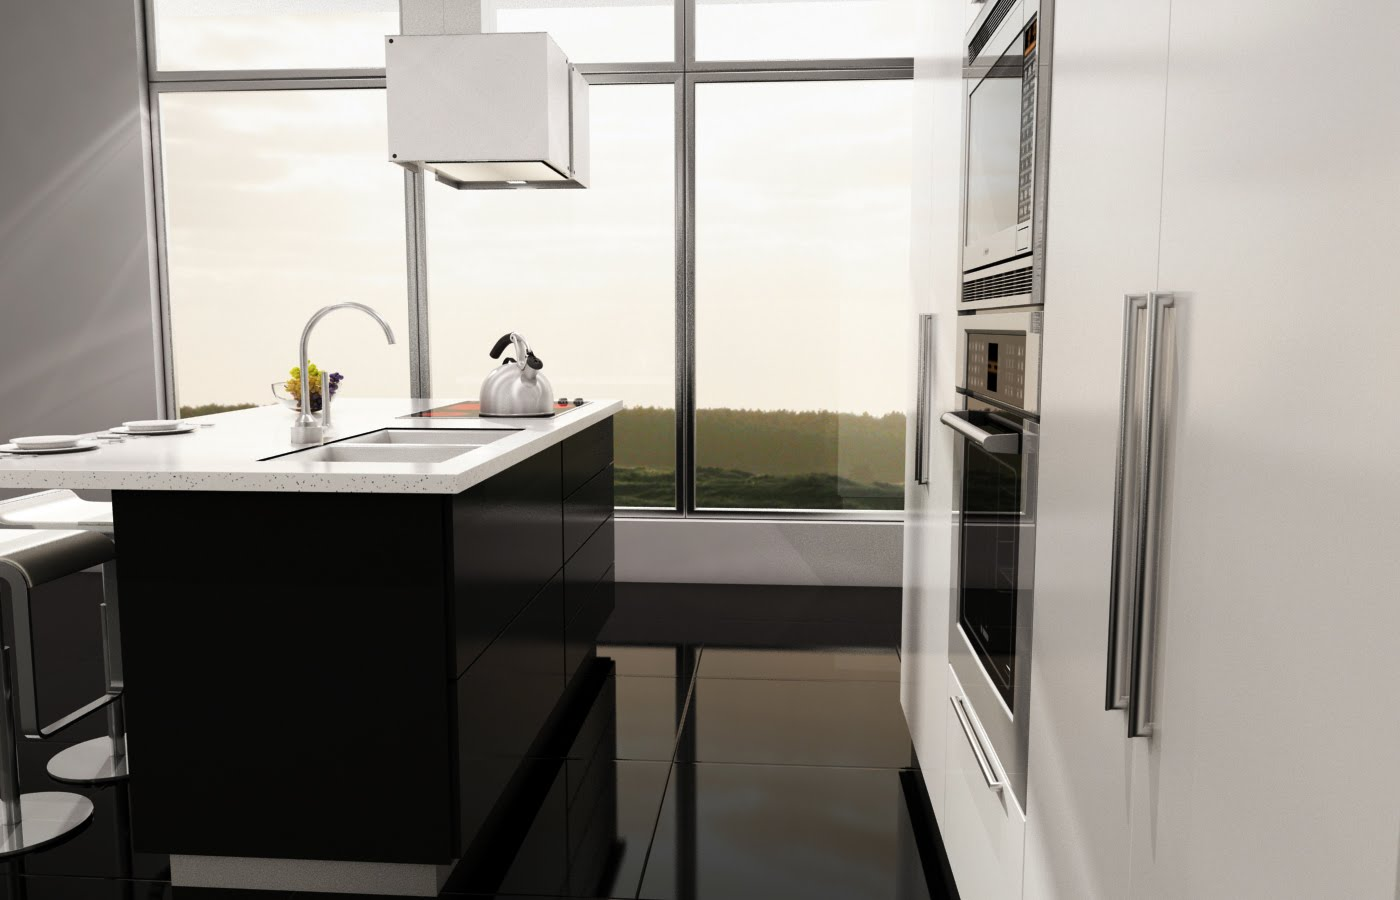 Roman molina dise o 3d cocina pino for Cocinas en 3d gratis